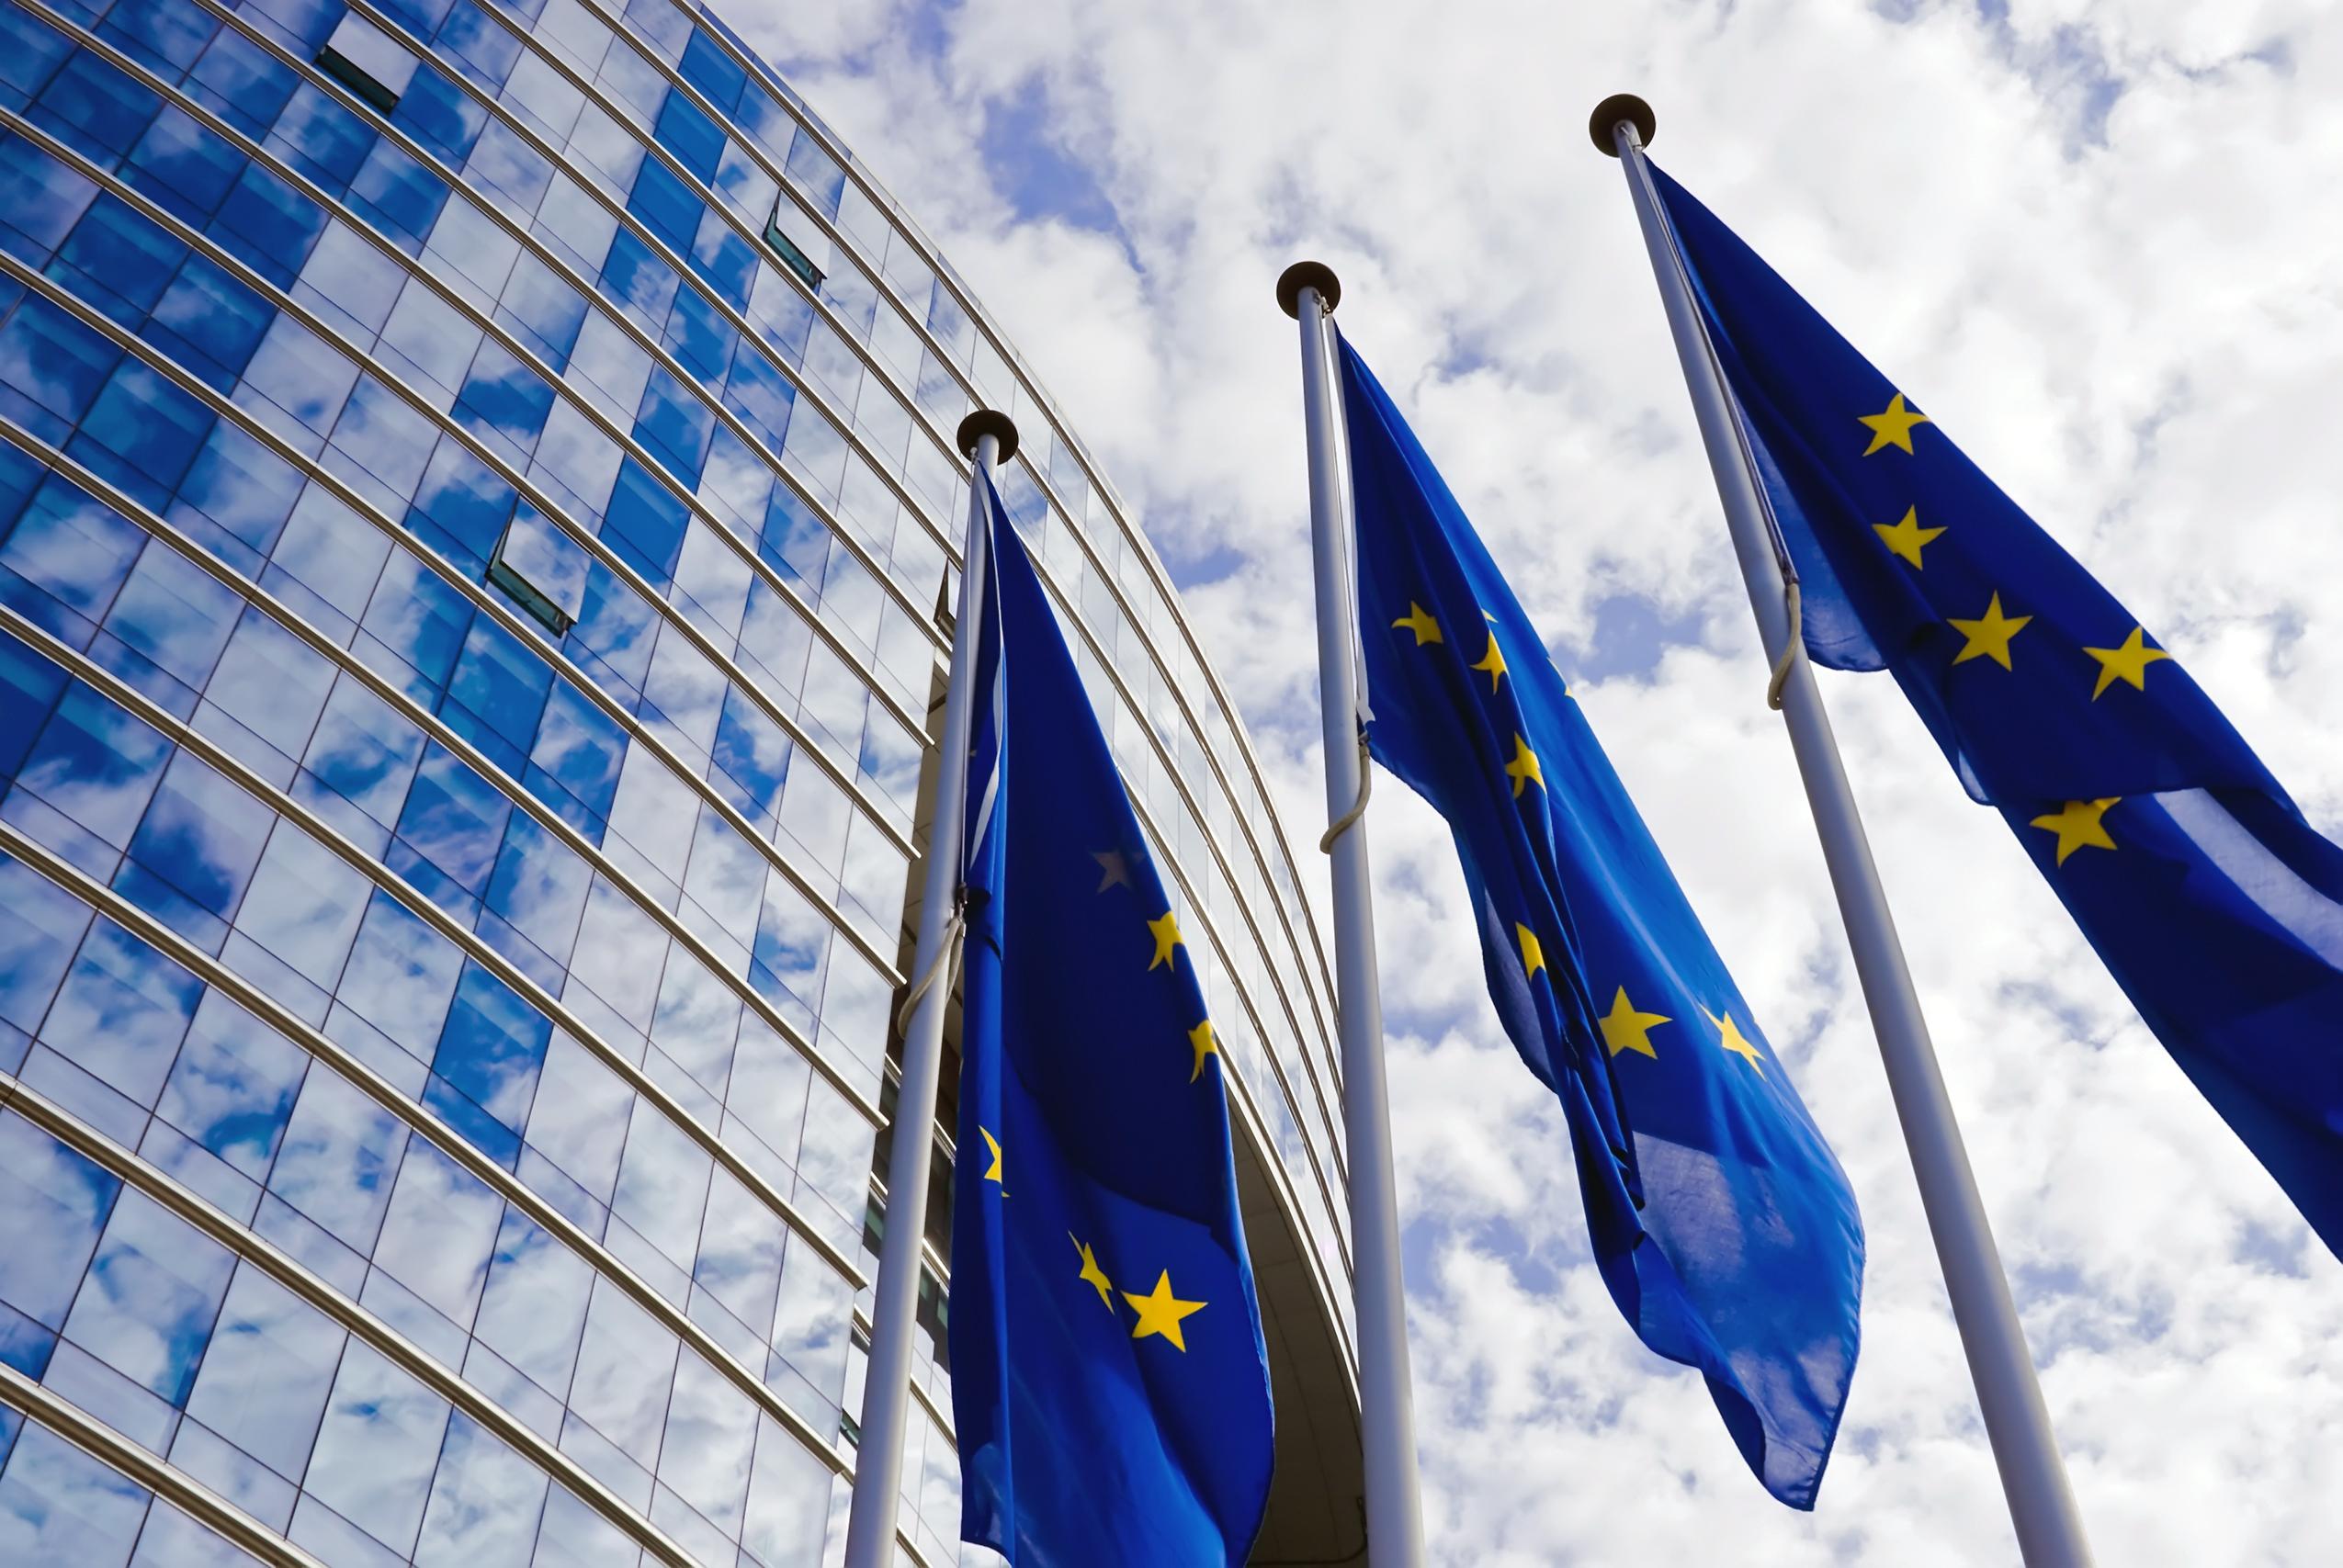 Nuovo Video Corso a cura dell'esperta Valeria Tevere - Il provvedimento amministrativo in contrasto con il Diritto dell'Unione Europea